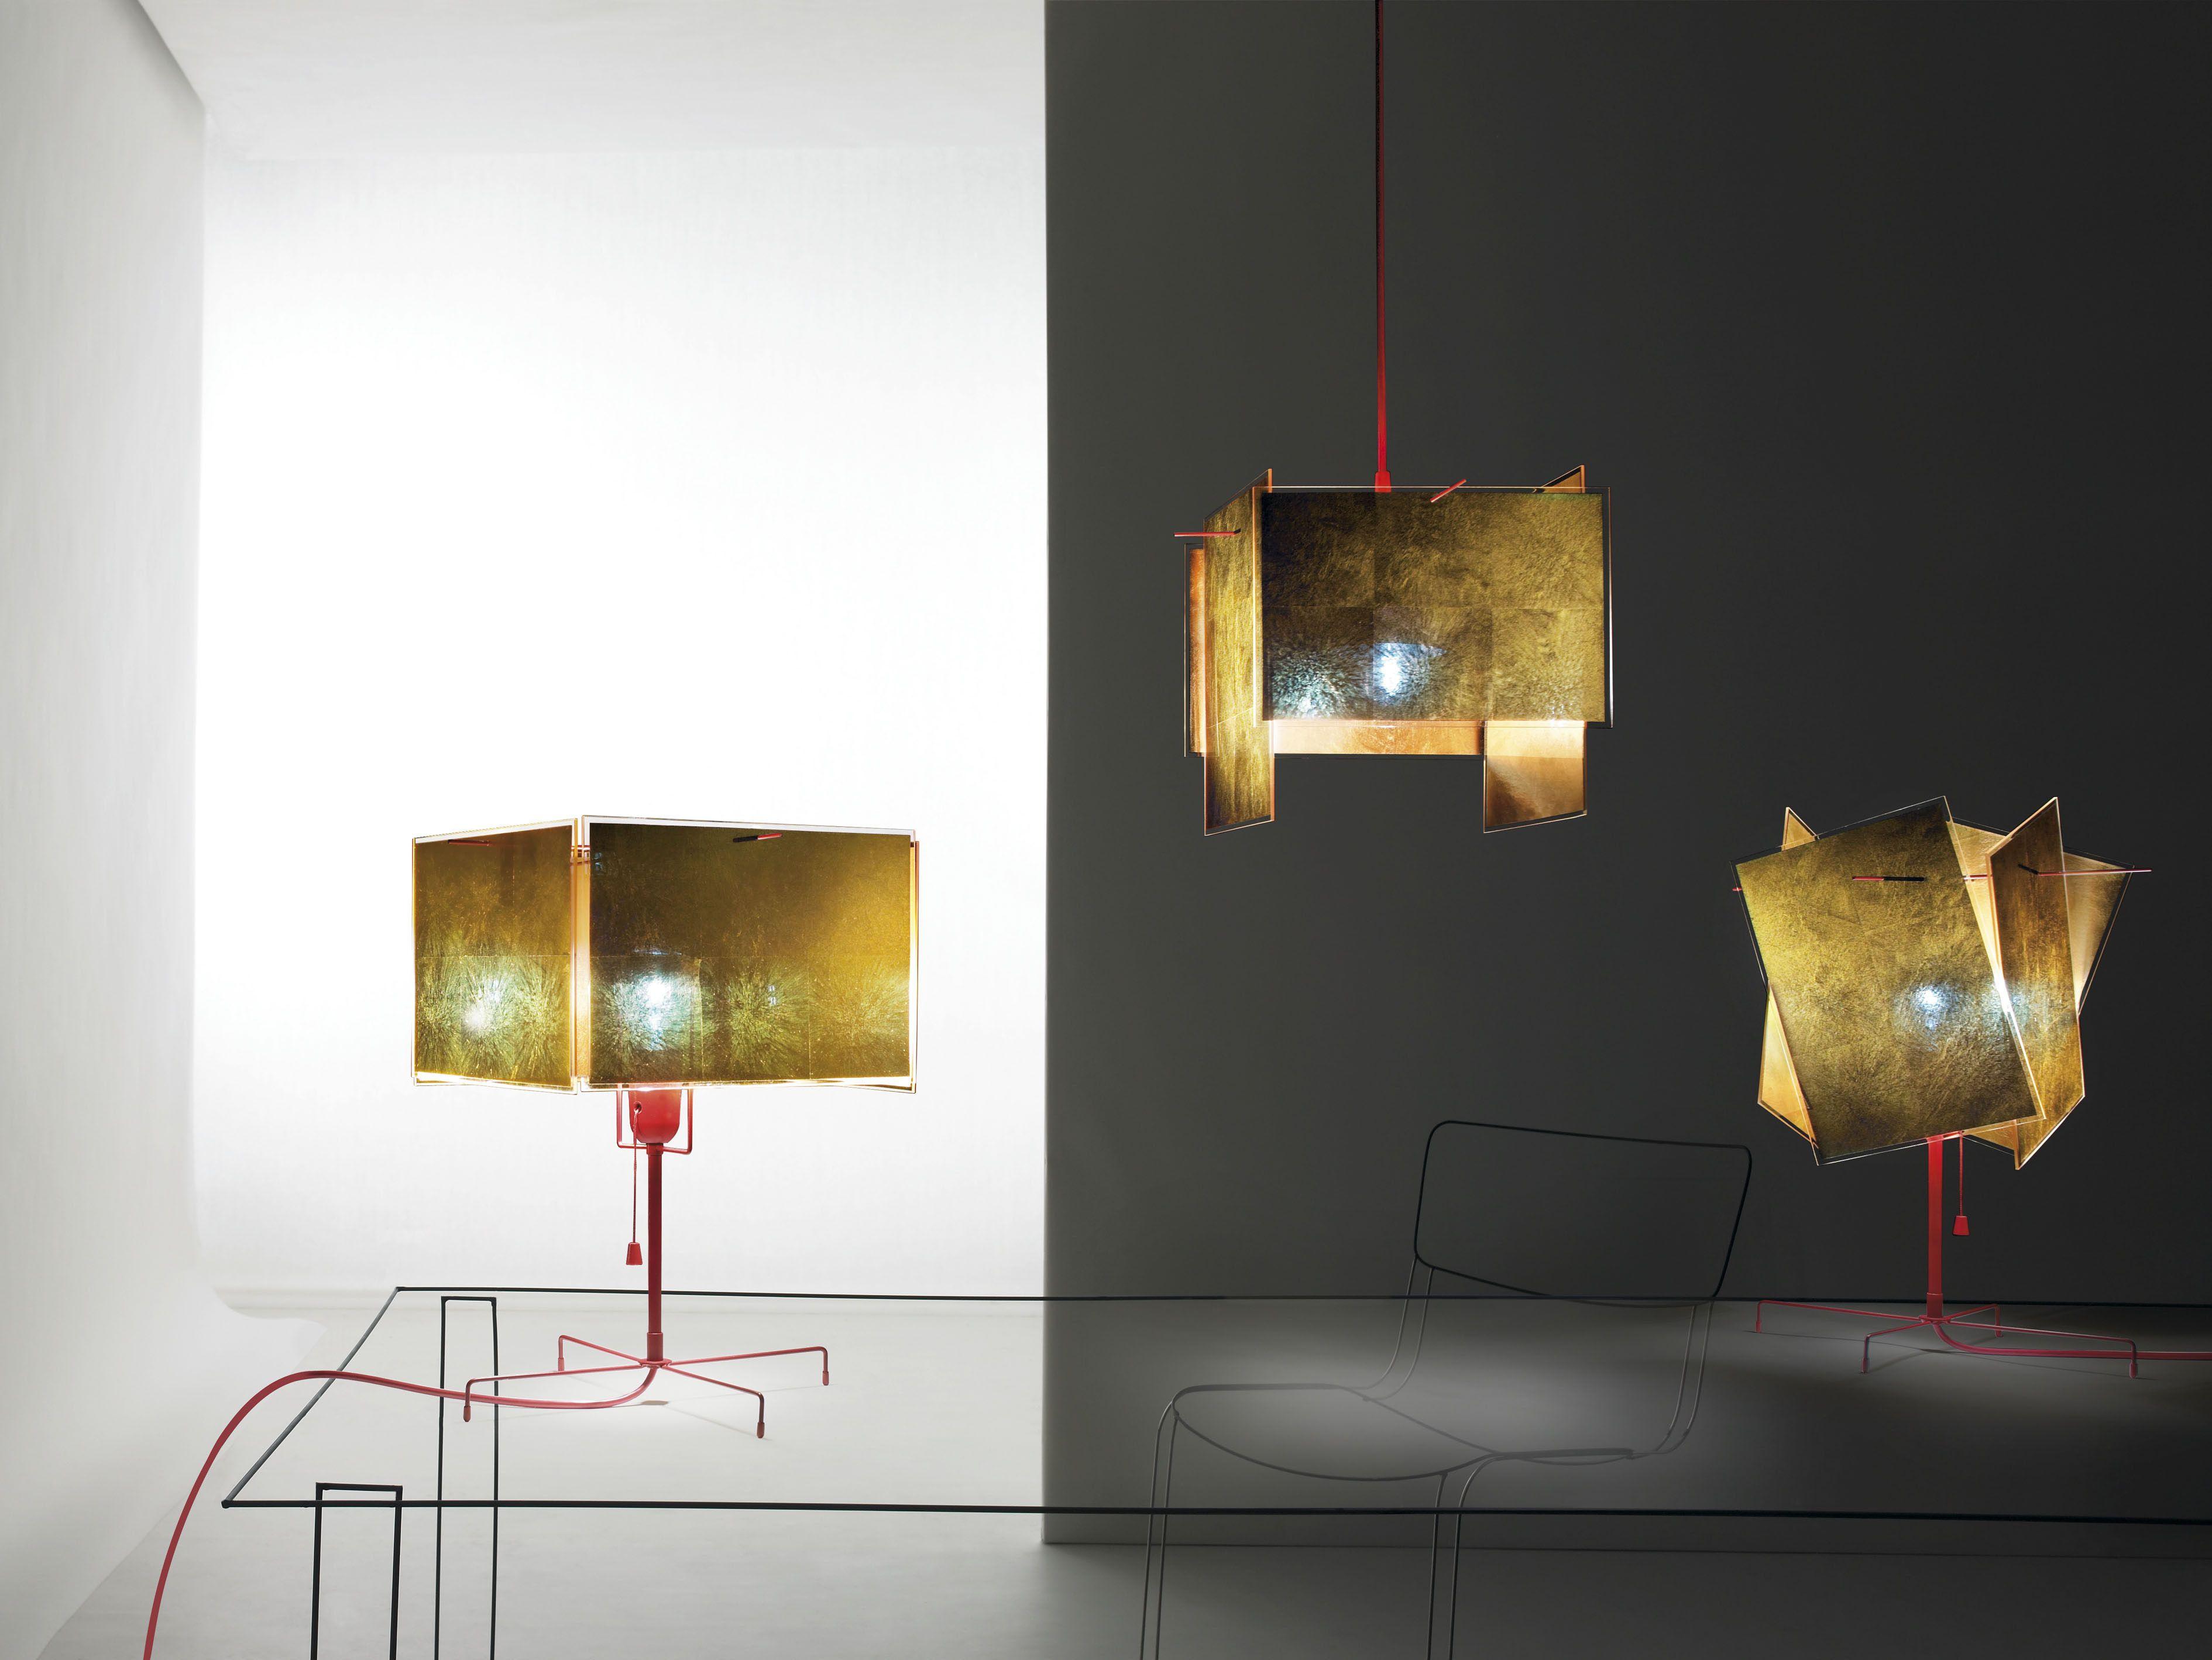 Lighting Design Karat Blau T by Ingo Maurer